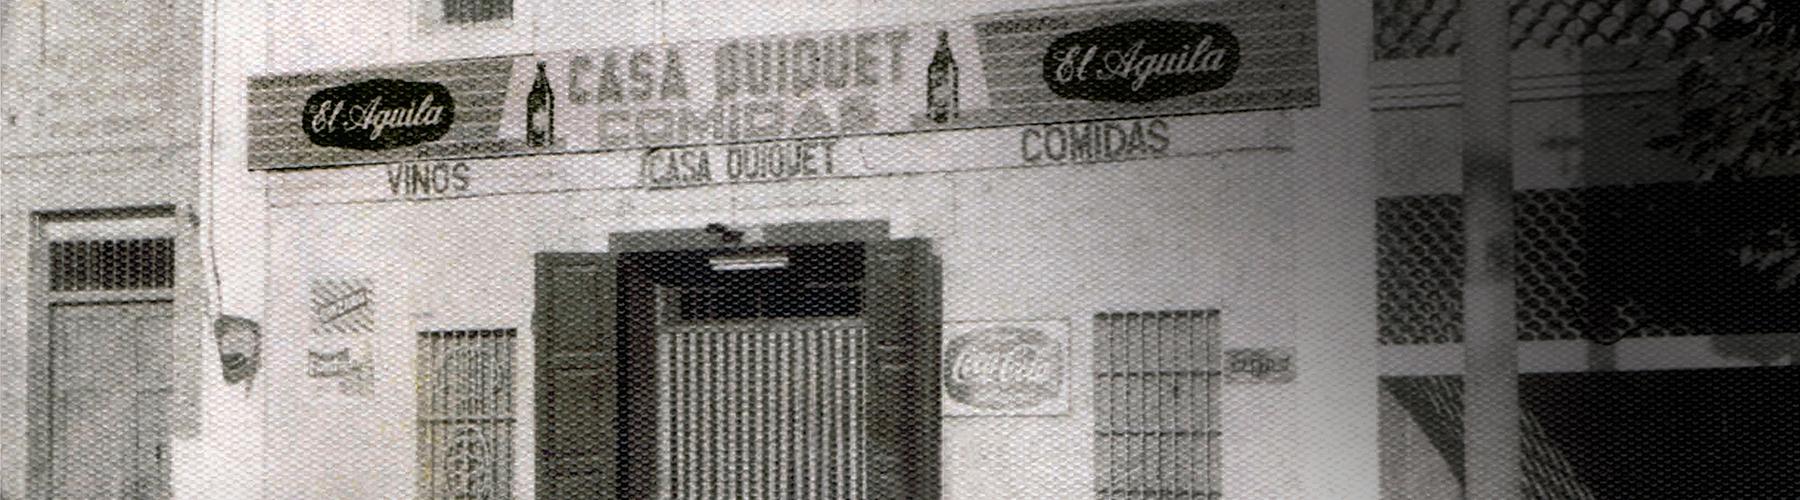 cabecera-historia1-casaquiquet